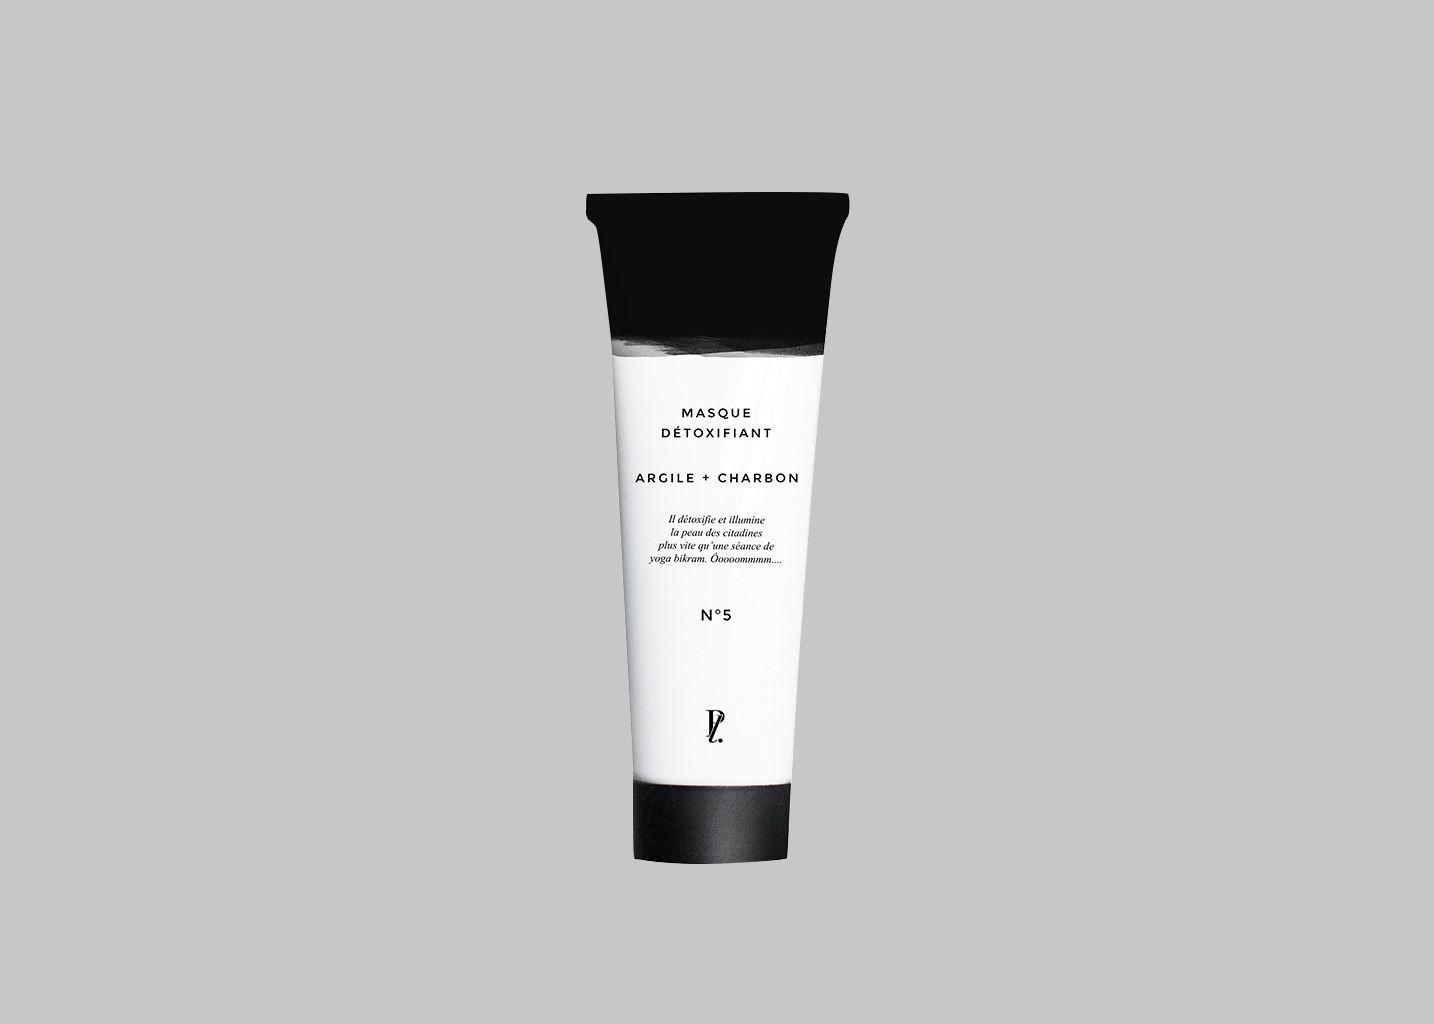 Masque Détoxifiant Charbon + Argile - Prescription Lab